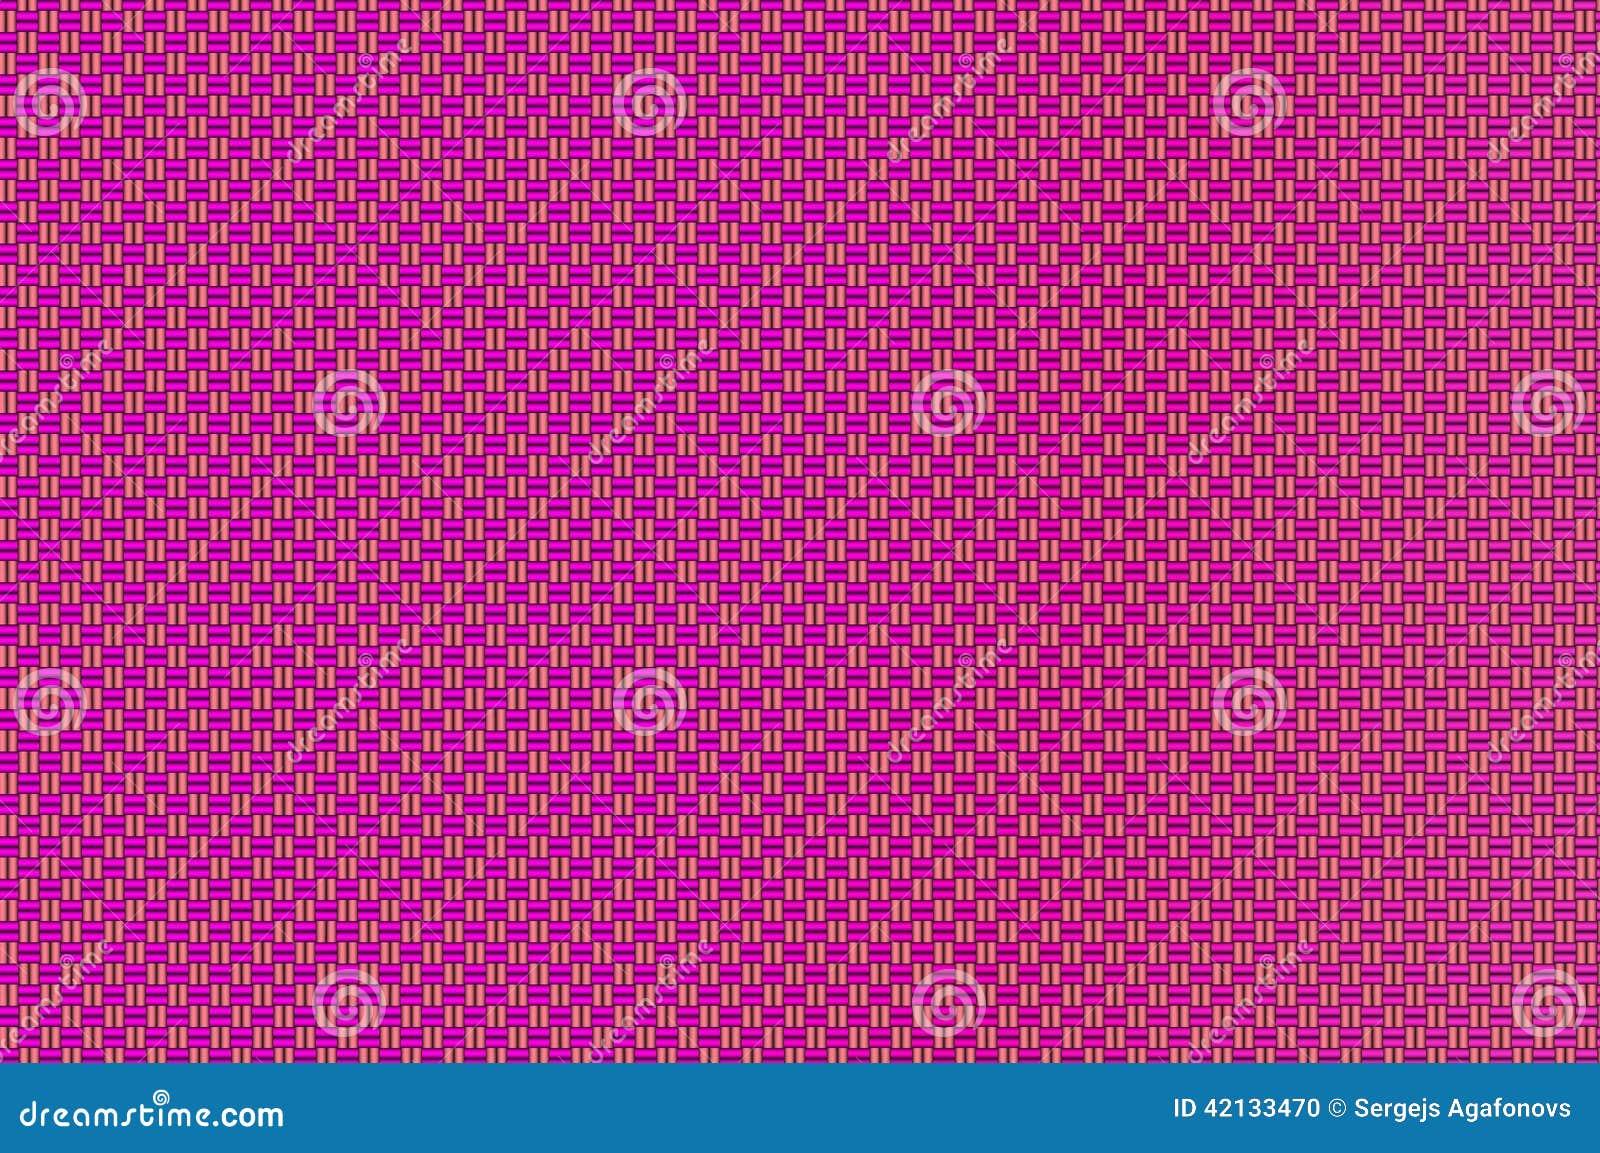 Rot-violettes und sandiges braunes Quadratmuster des verflochtenen Gitters -